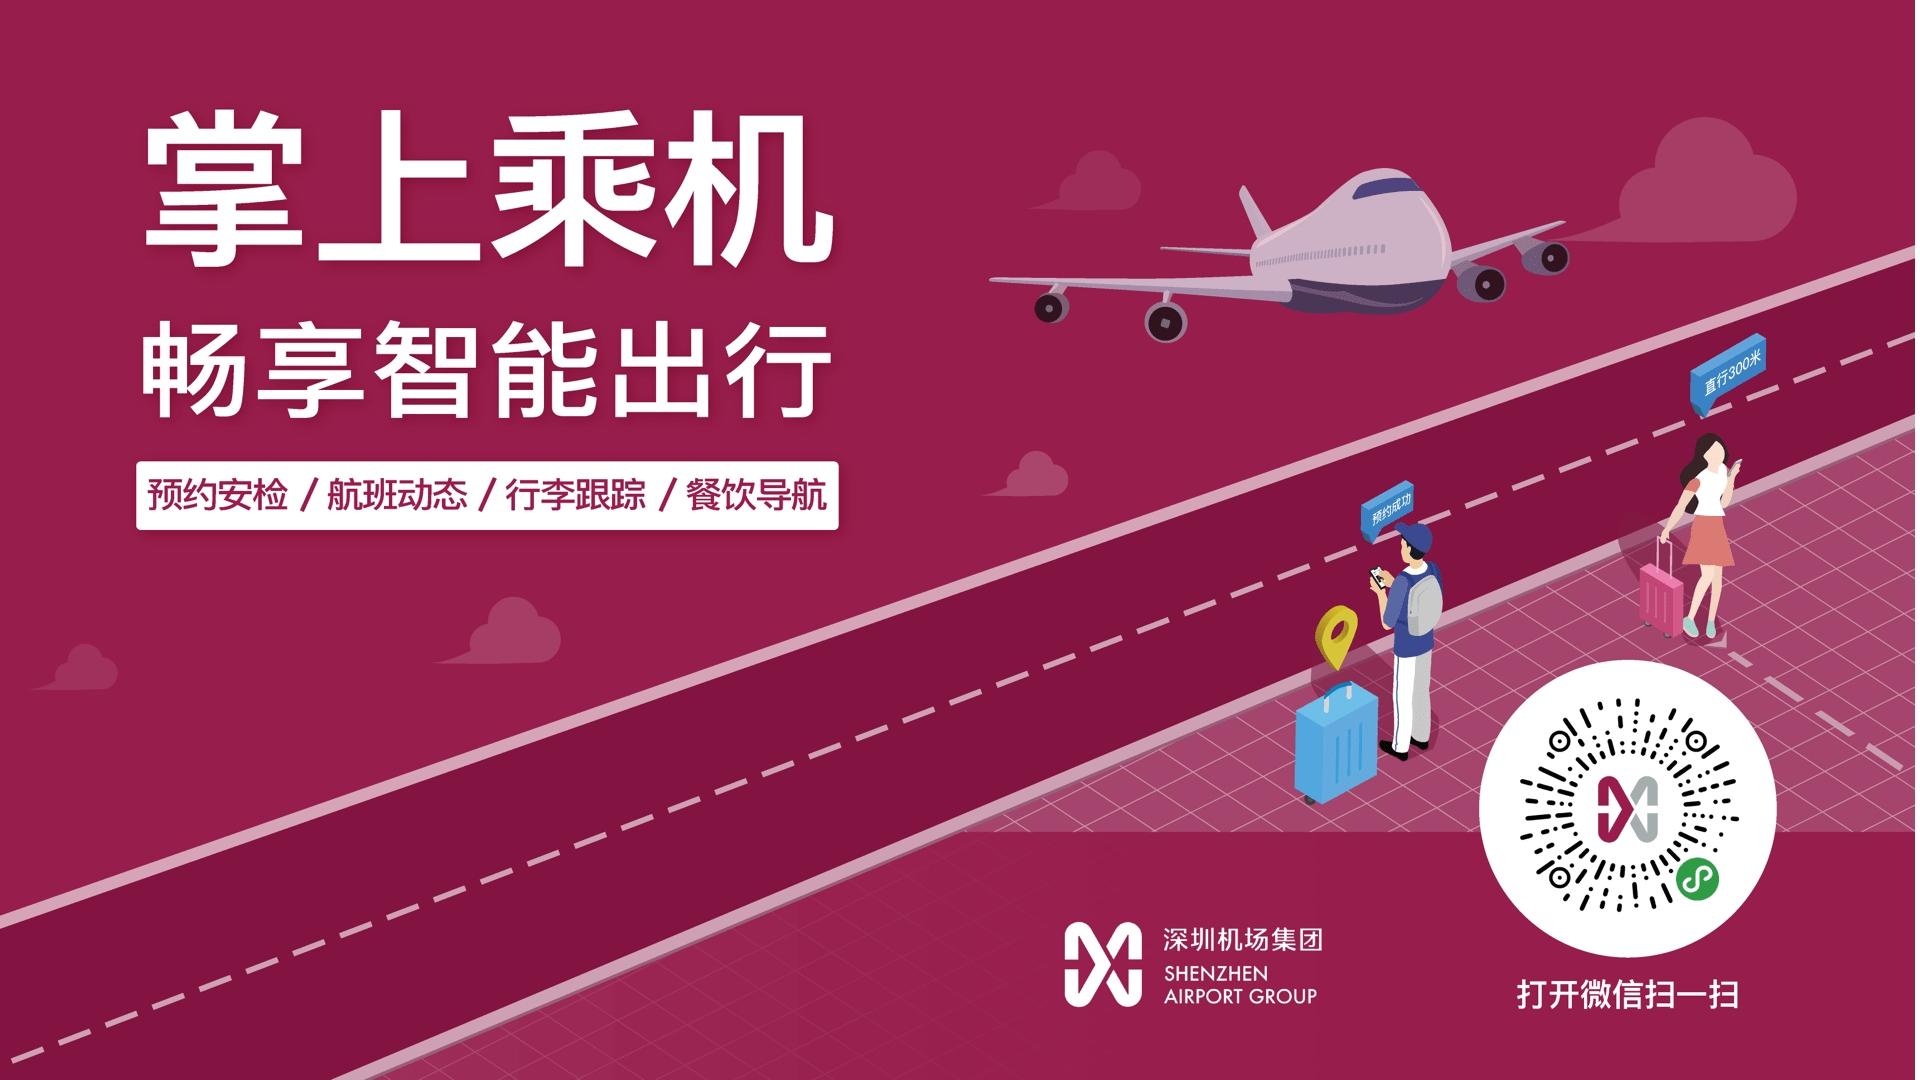 深圳机场旅客服务微信小程序上线 一部手机享春运智慧出行